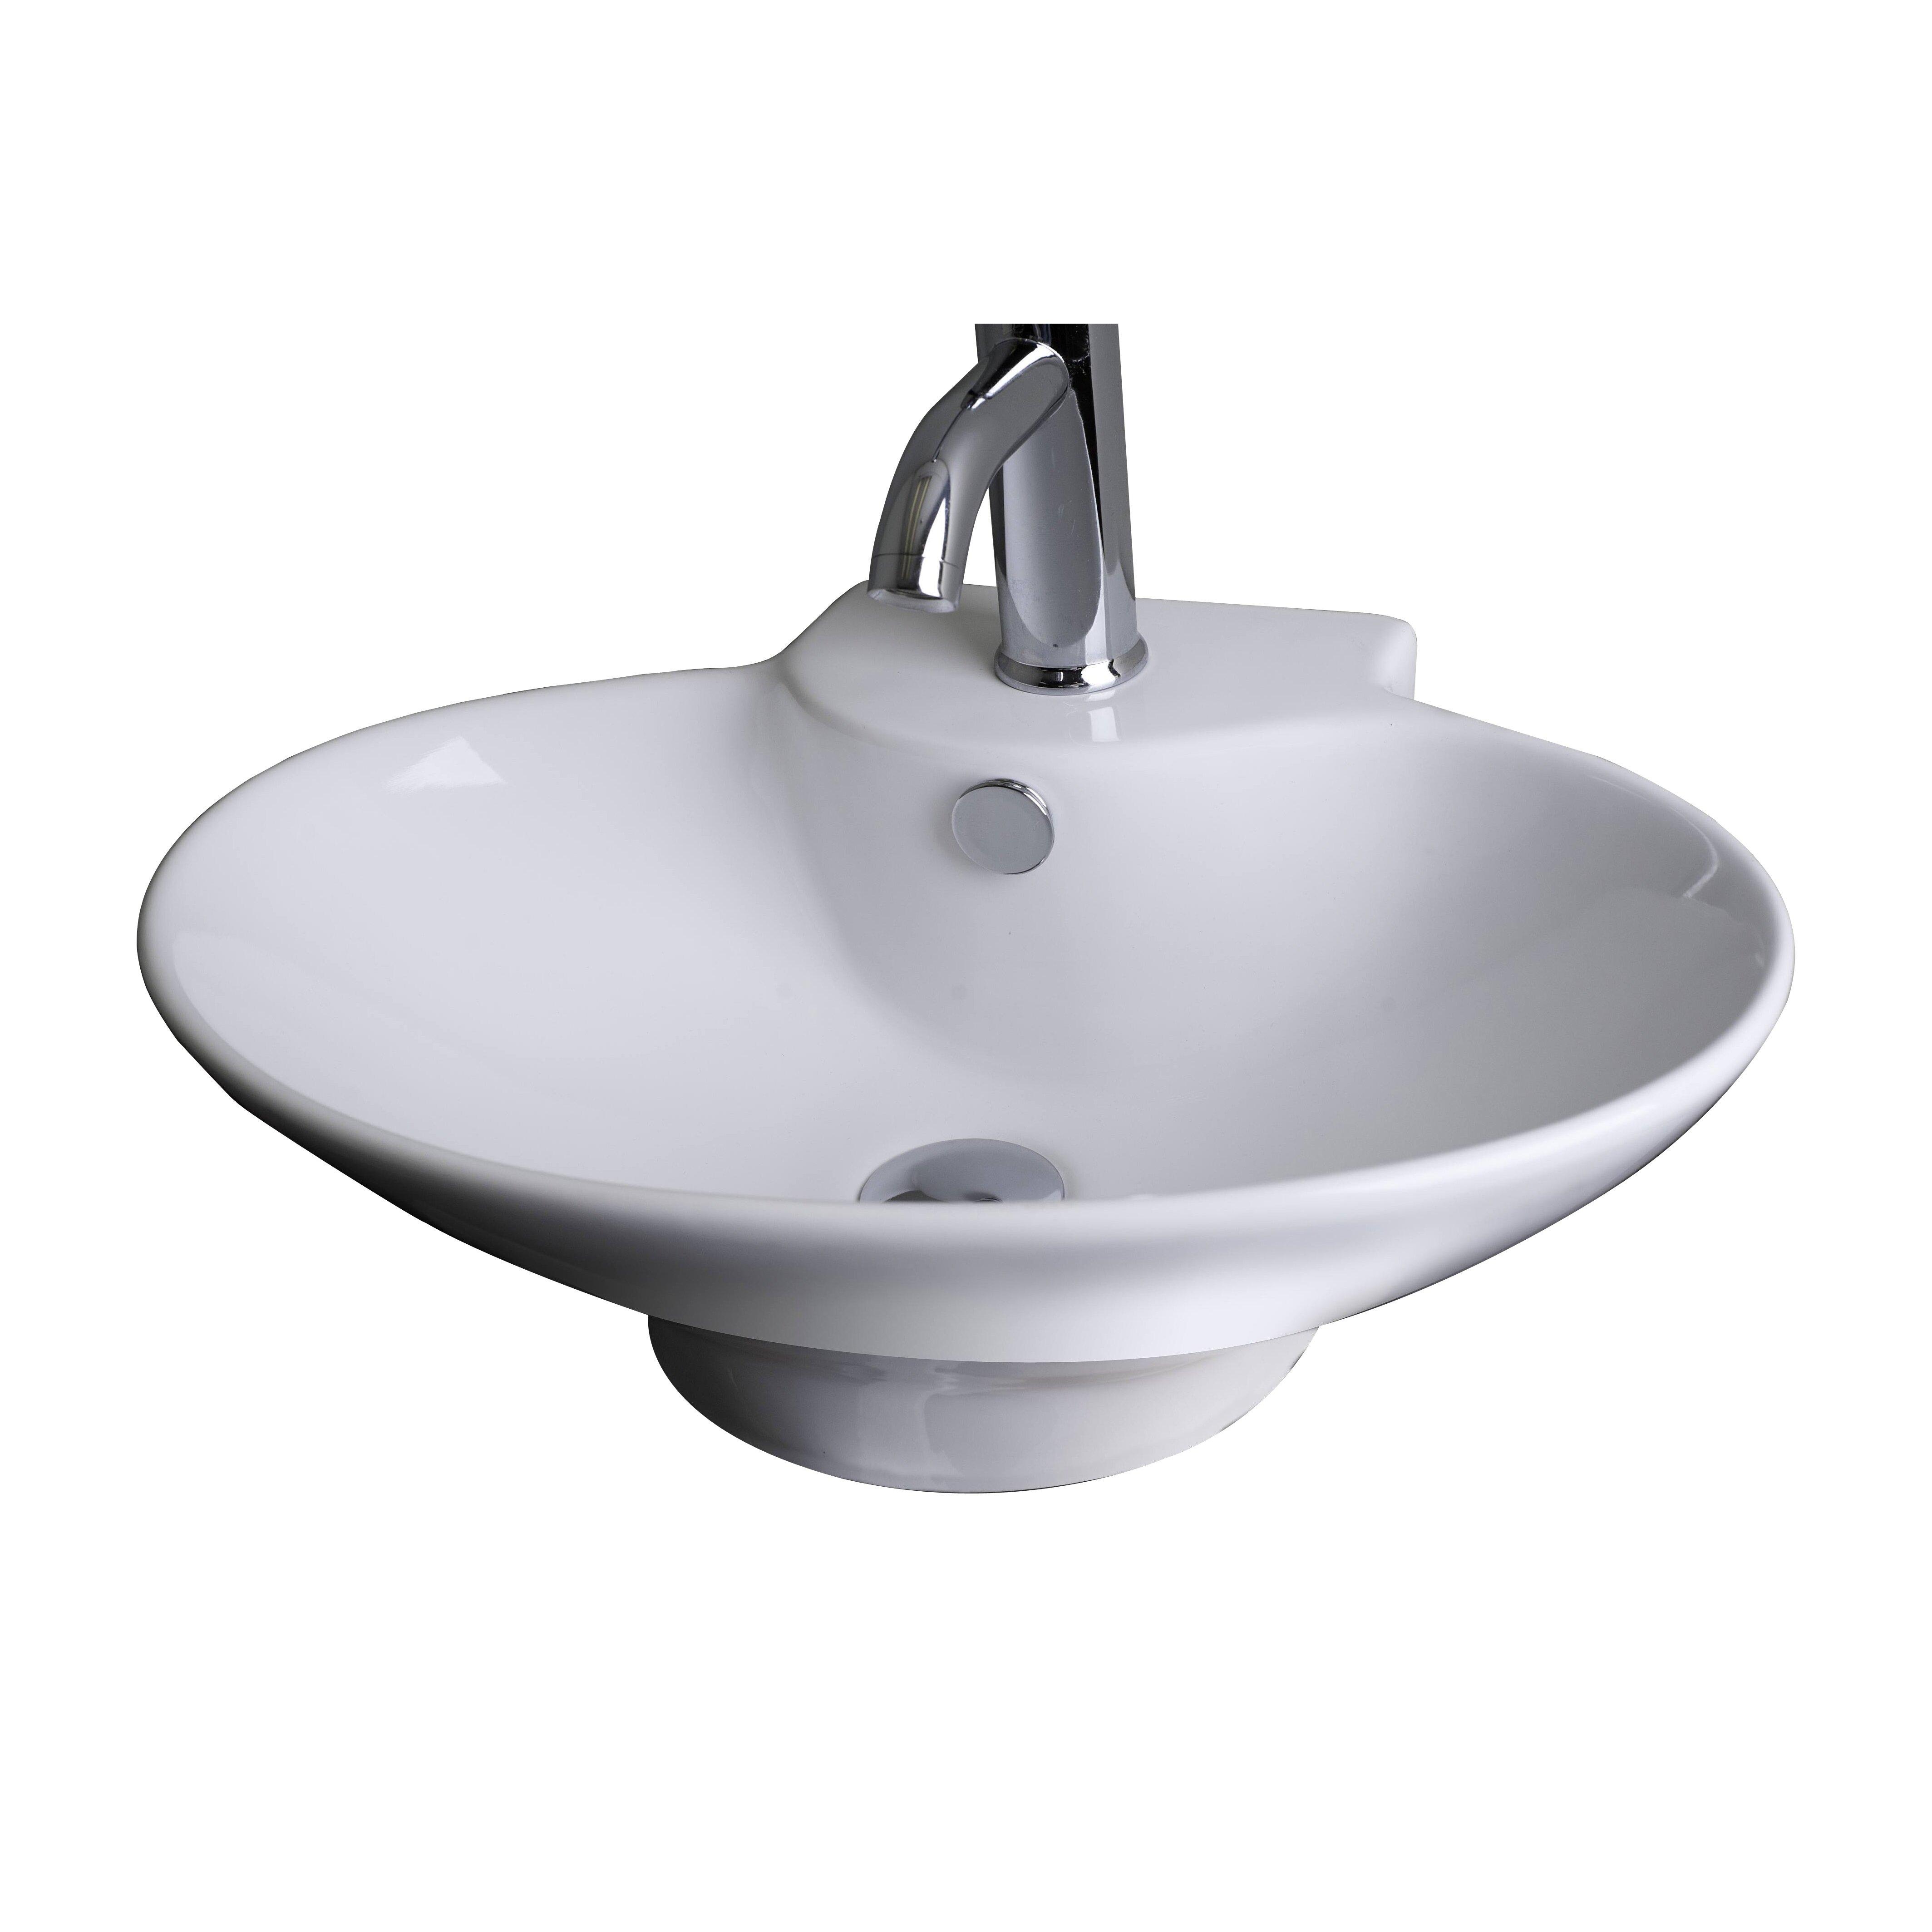 ... Wall Mounted Oval Vessel Bathroom Sink & Reviews Wayfair.ca